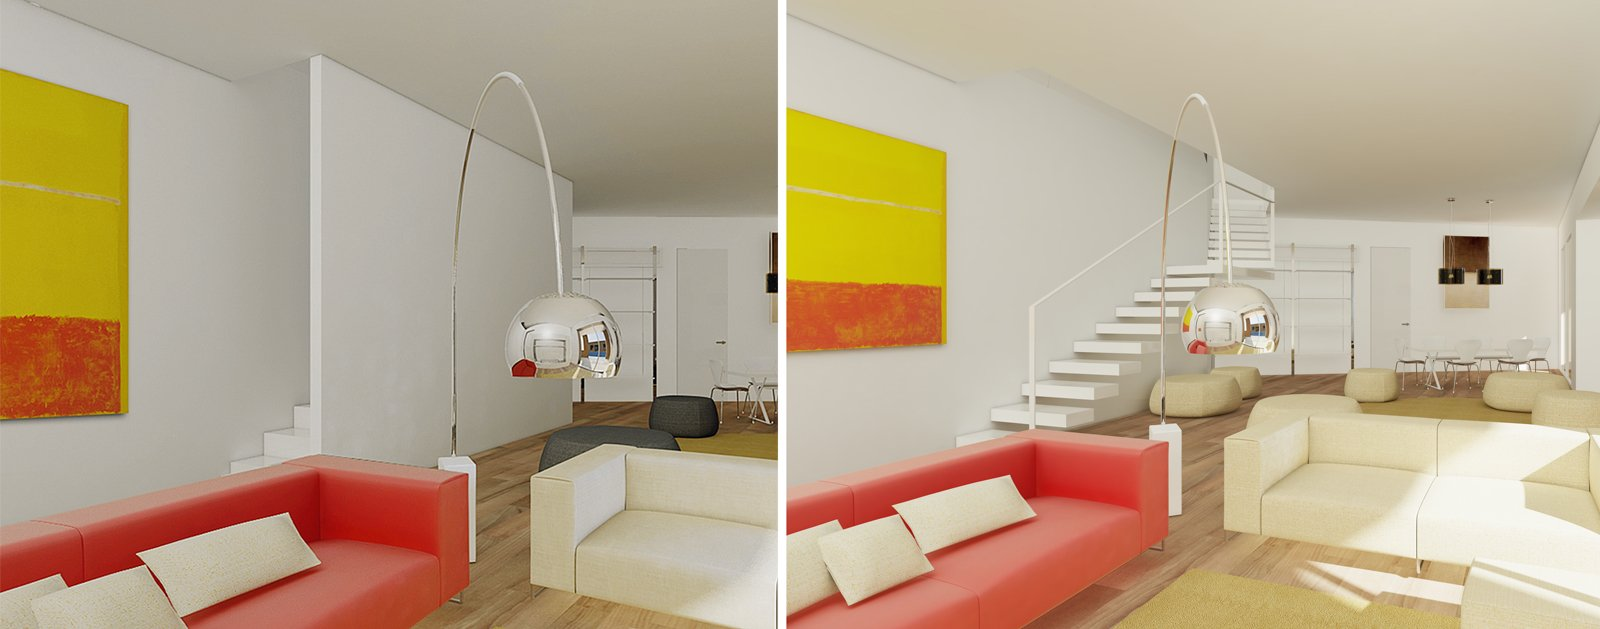 Pi luce 10 idee per moltiplicarla cose di casa - Idee illuminazione soggiorno ...